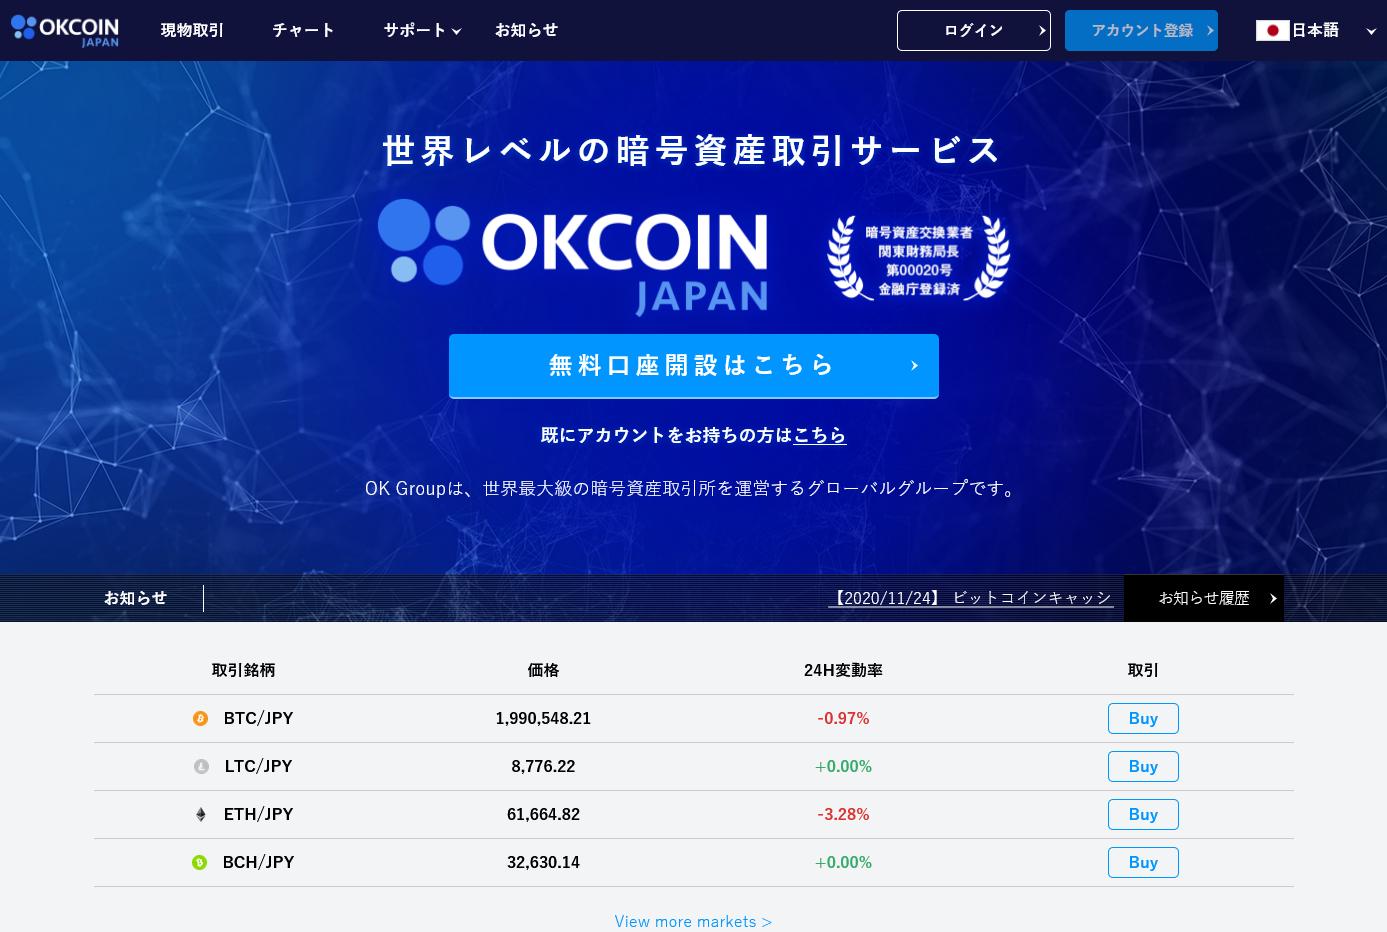 FireShot Capture 035 - OKCoinJapan|オーケーコイン・ジャパン|暗号資産の取引 - www.okcoin.jp